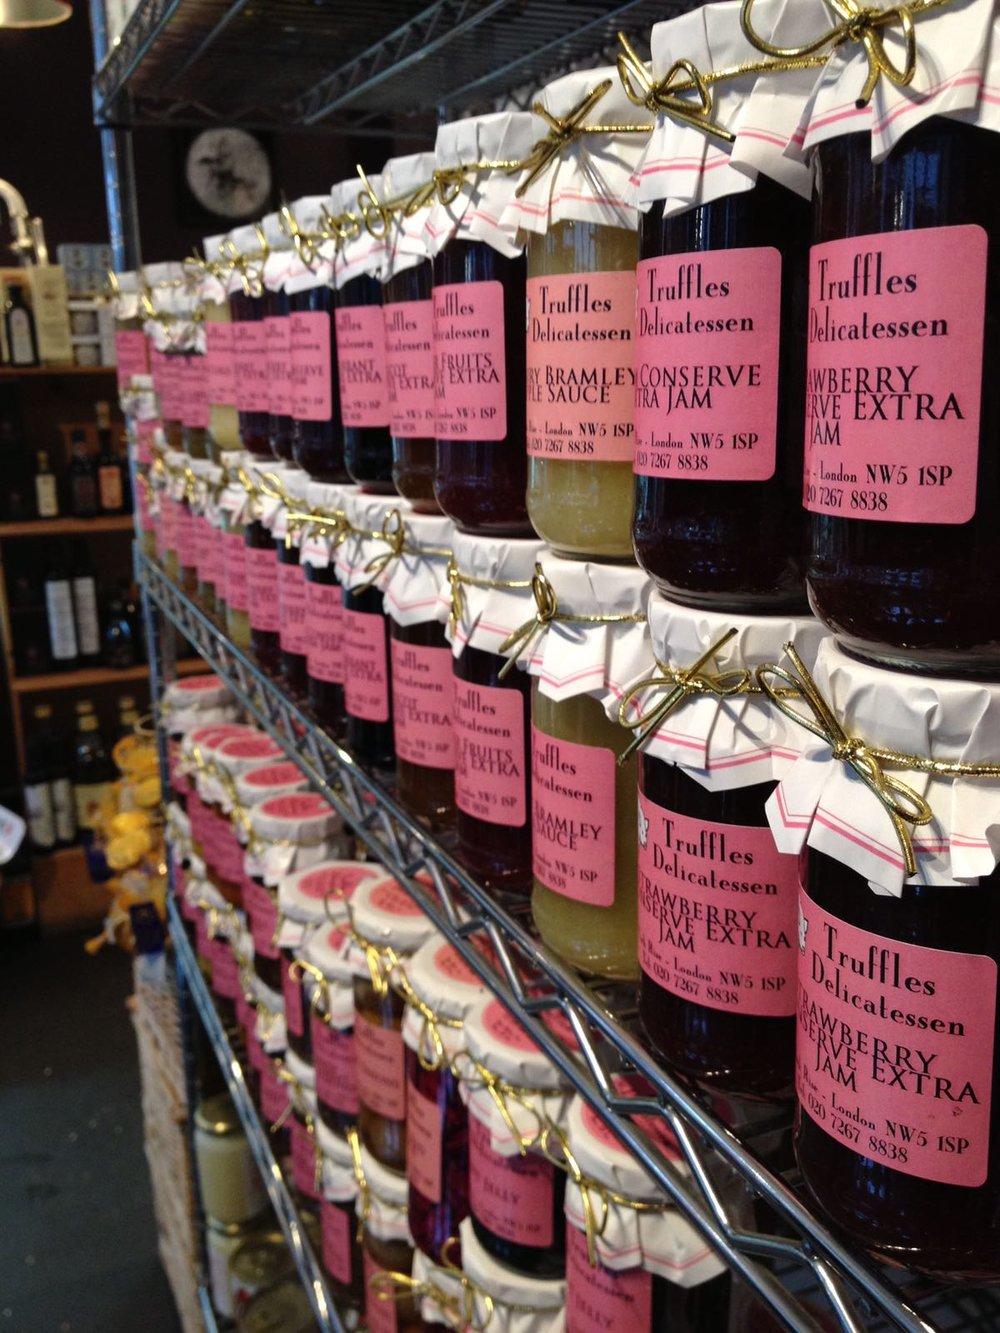 Our own range of farmhouse jams, chutneys and preserves